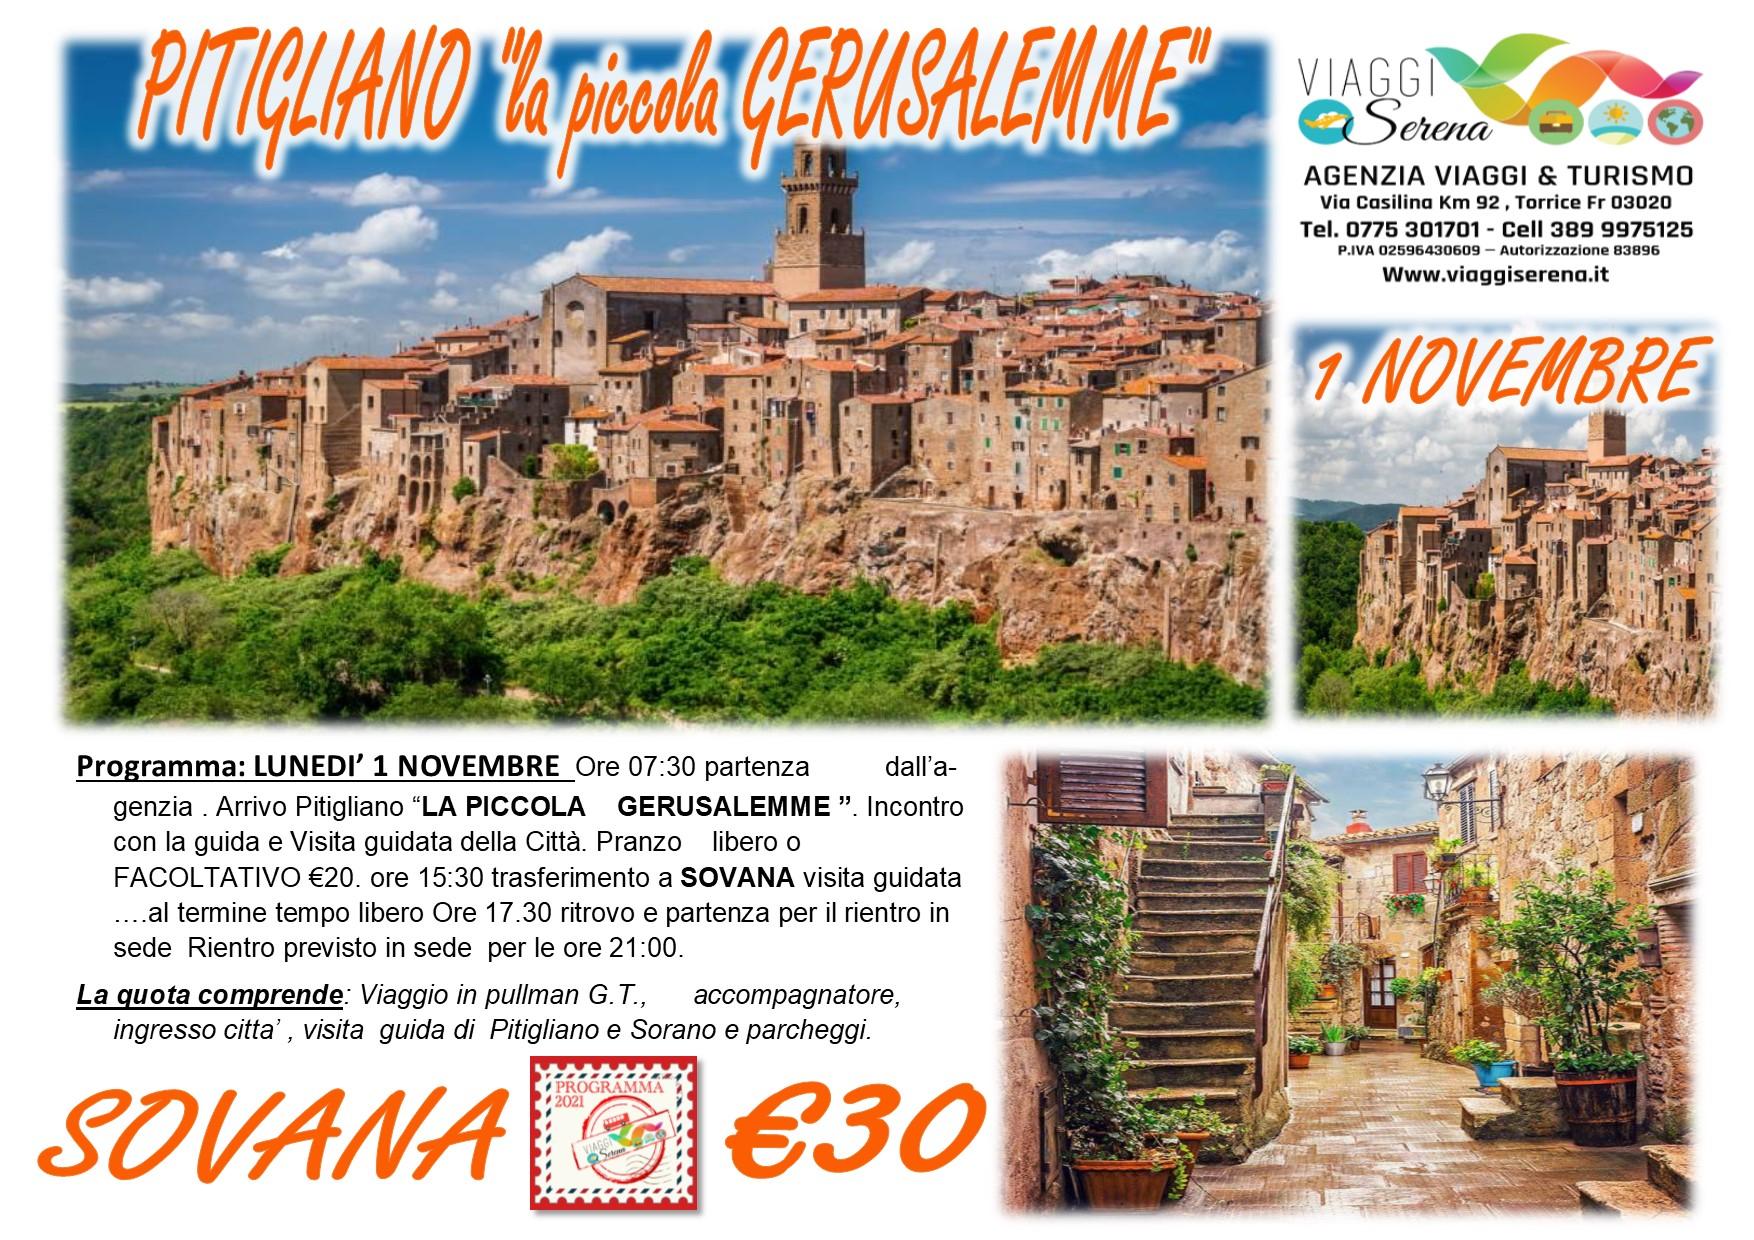 """Viaggi di Gruppo: Pitigliano """"la Piccola Gerusalemme"""" & Sovana 1 Novembre € 30,00"""